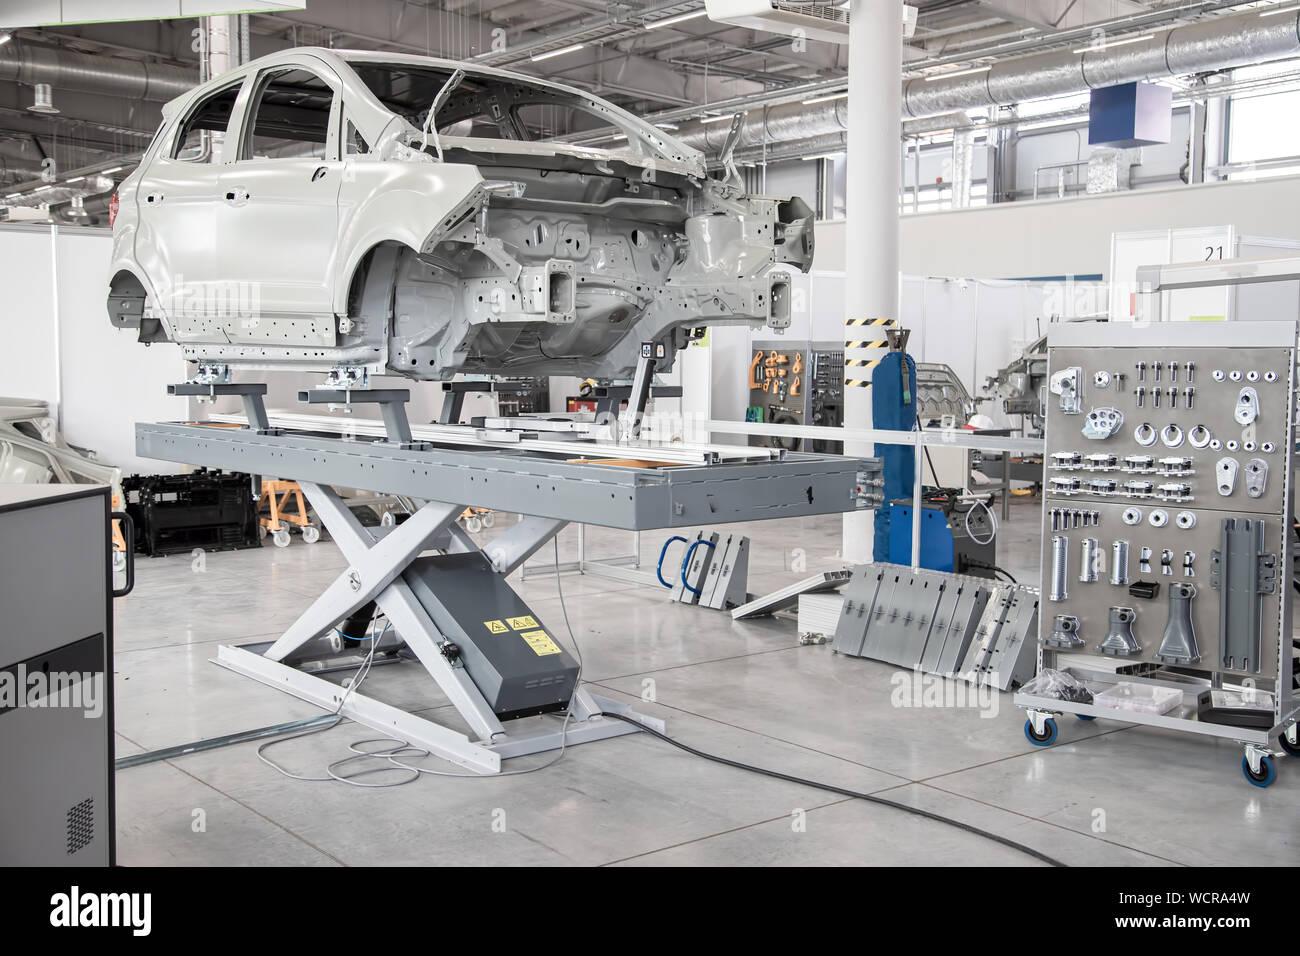 Telaio di auto in un auto officina di produzione. Gli strumenti di raccolta. Negozio di riparazioni auto. Foto Stock